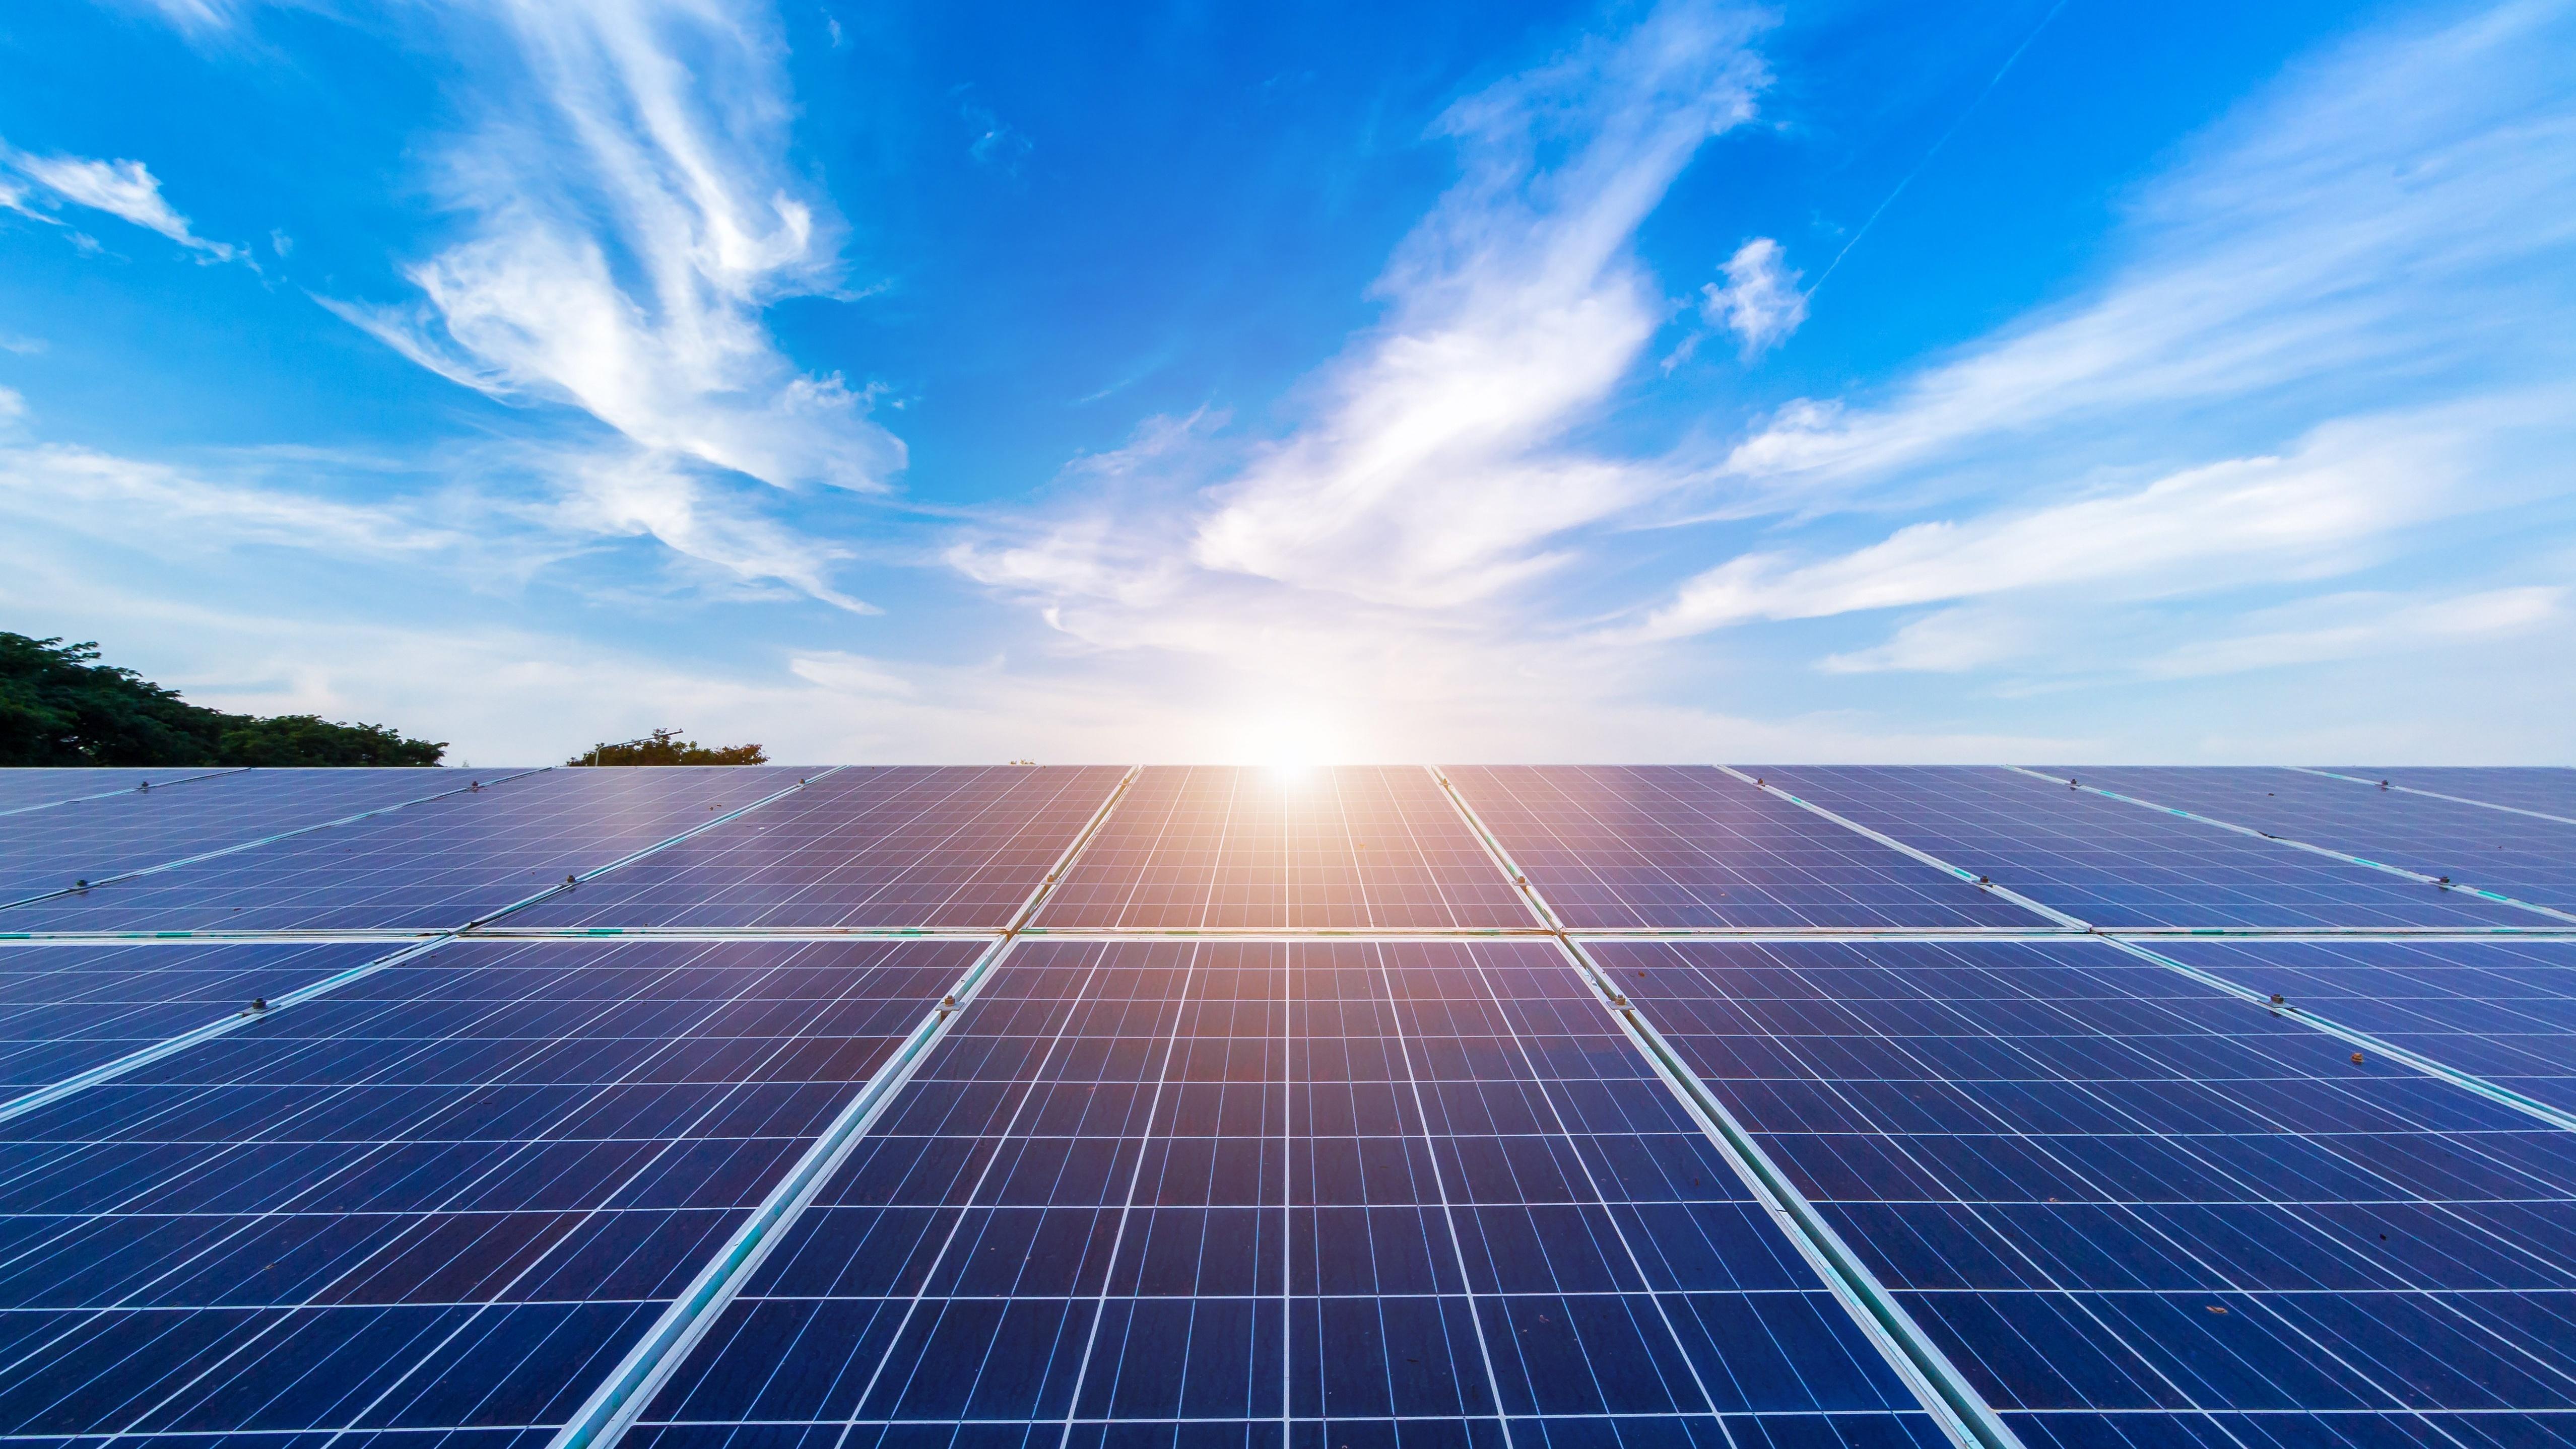 Hva bør du tenke på når du skal investere i solenergi og solcellepanel?